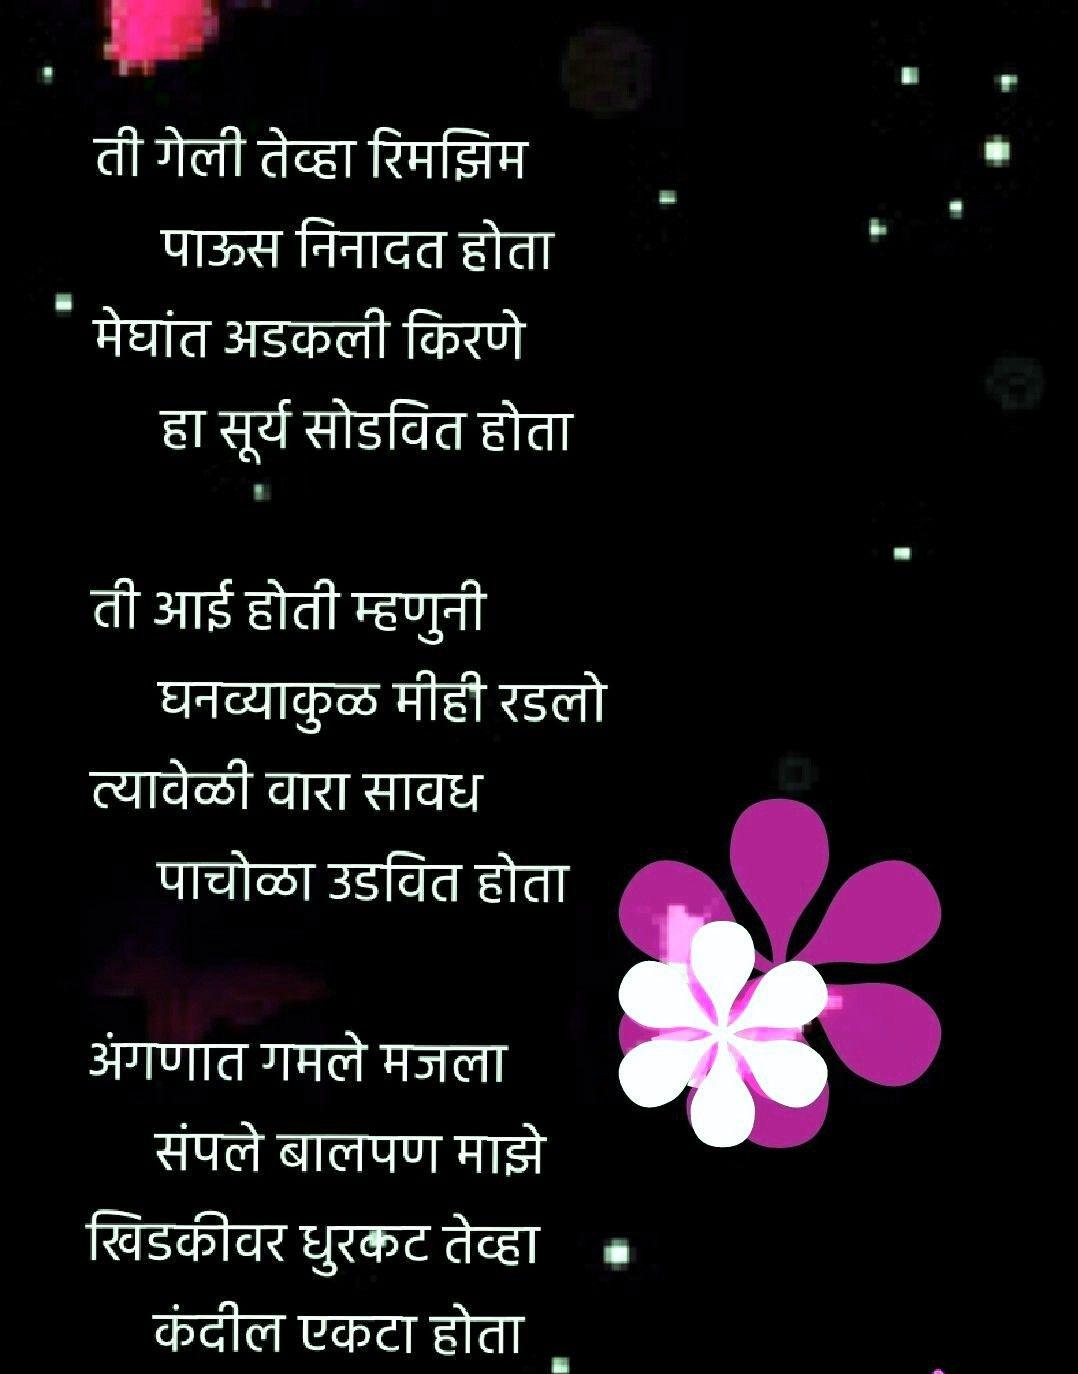 Pin By Afreen Shaikh On Marathi Quotes Pinterest Marathi